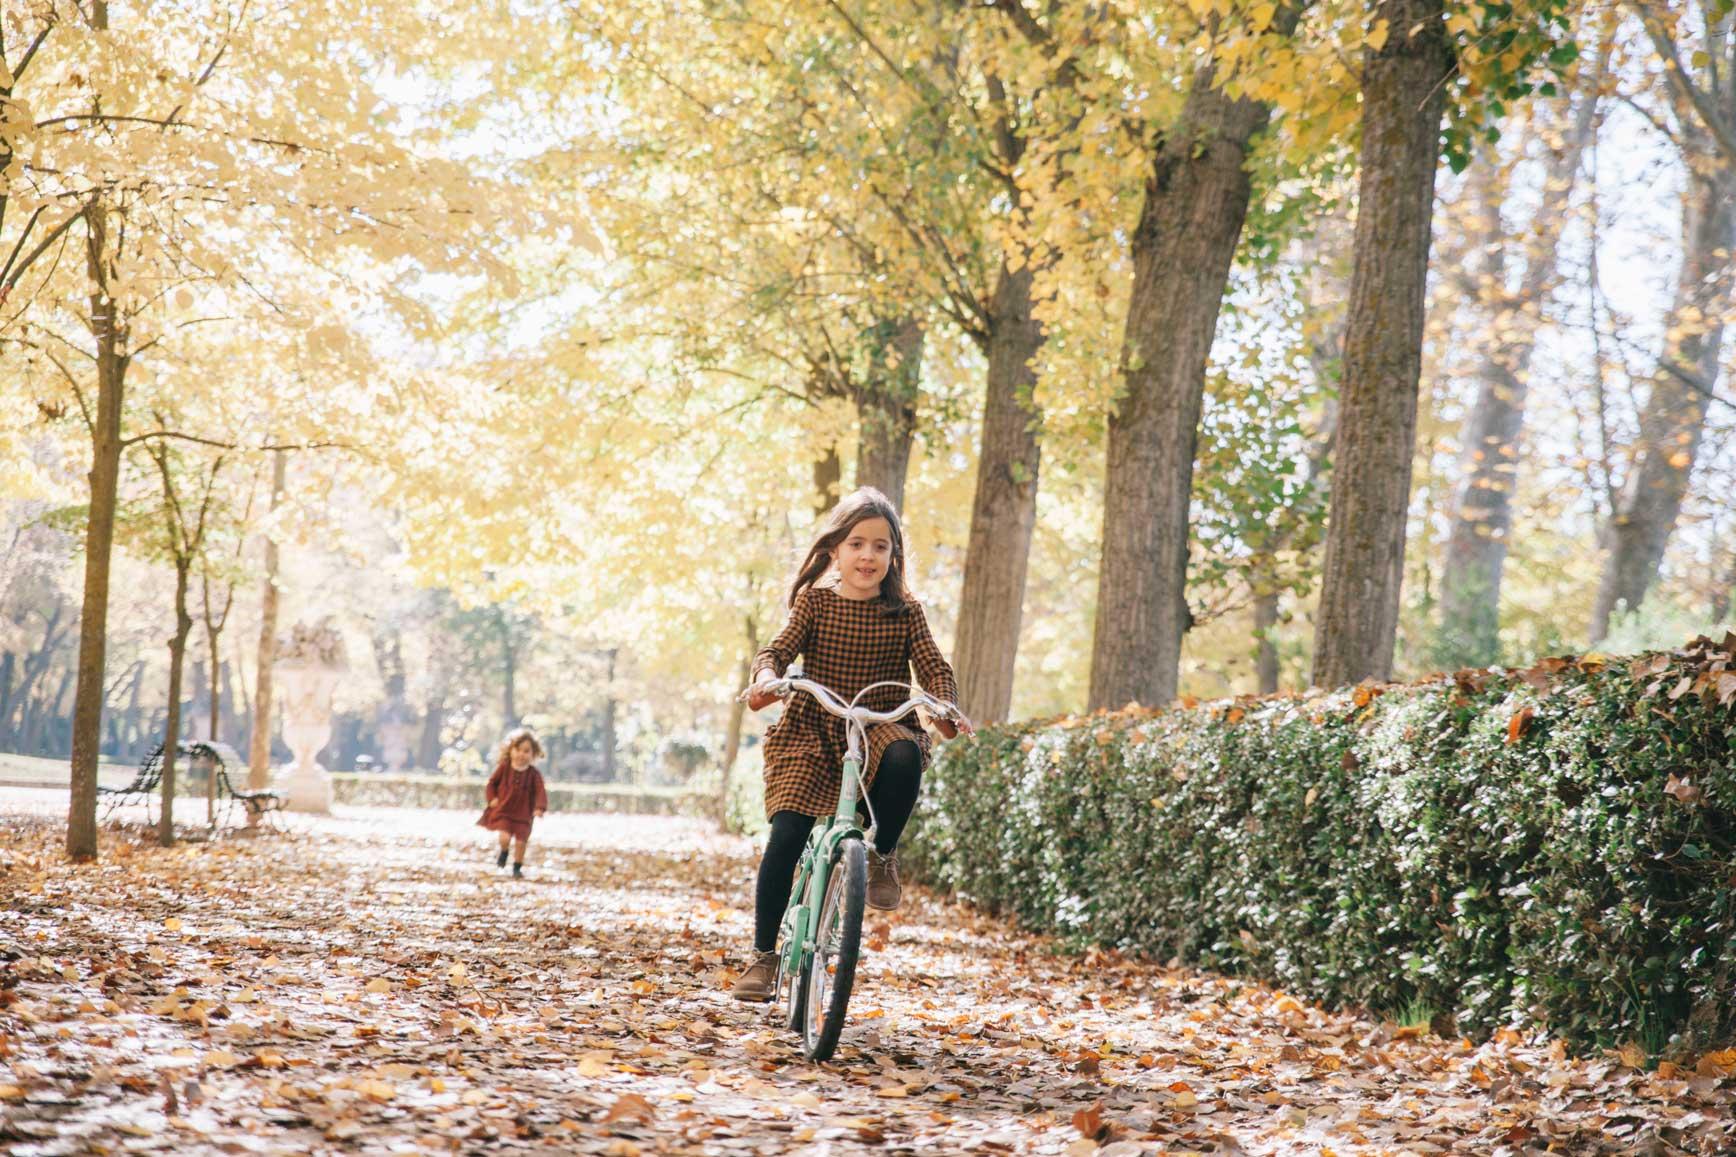 Historias de bicicleta-claraBmartin-17